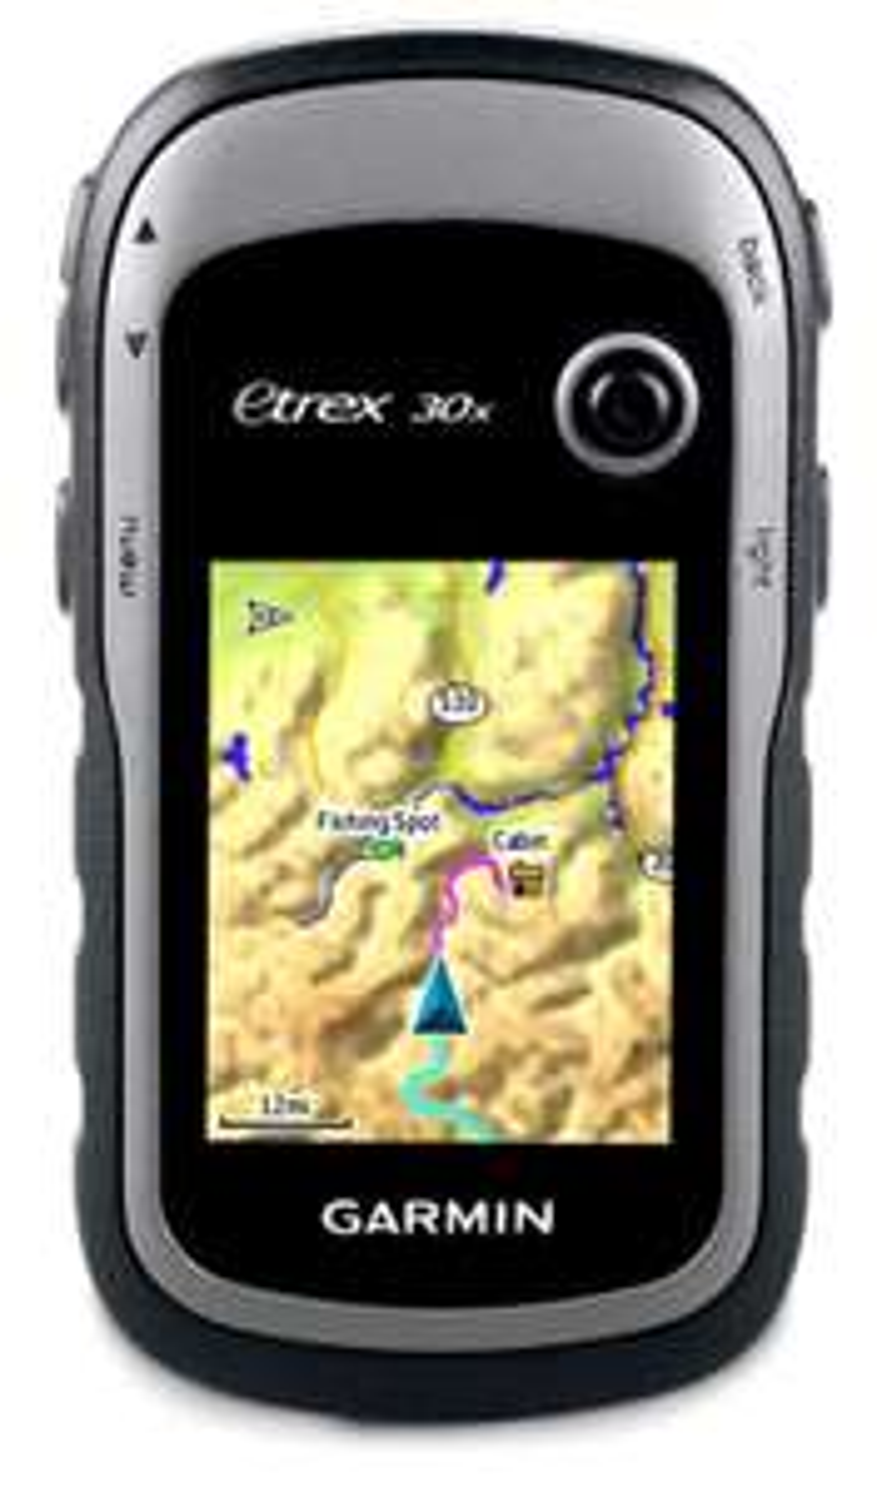 GPS de randonnée Garmin E trex 30x